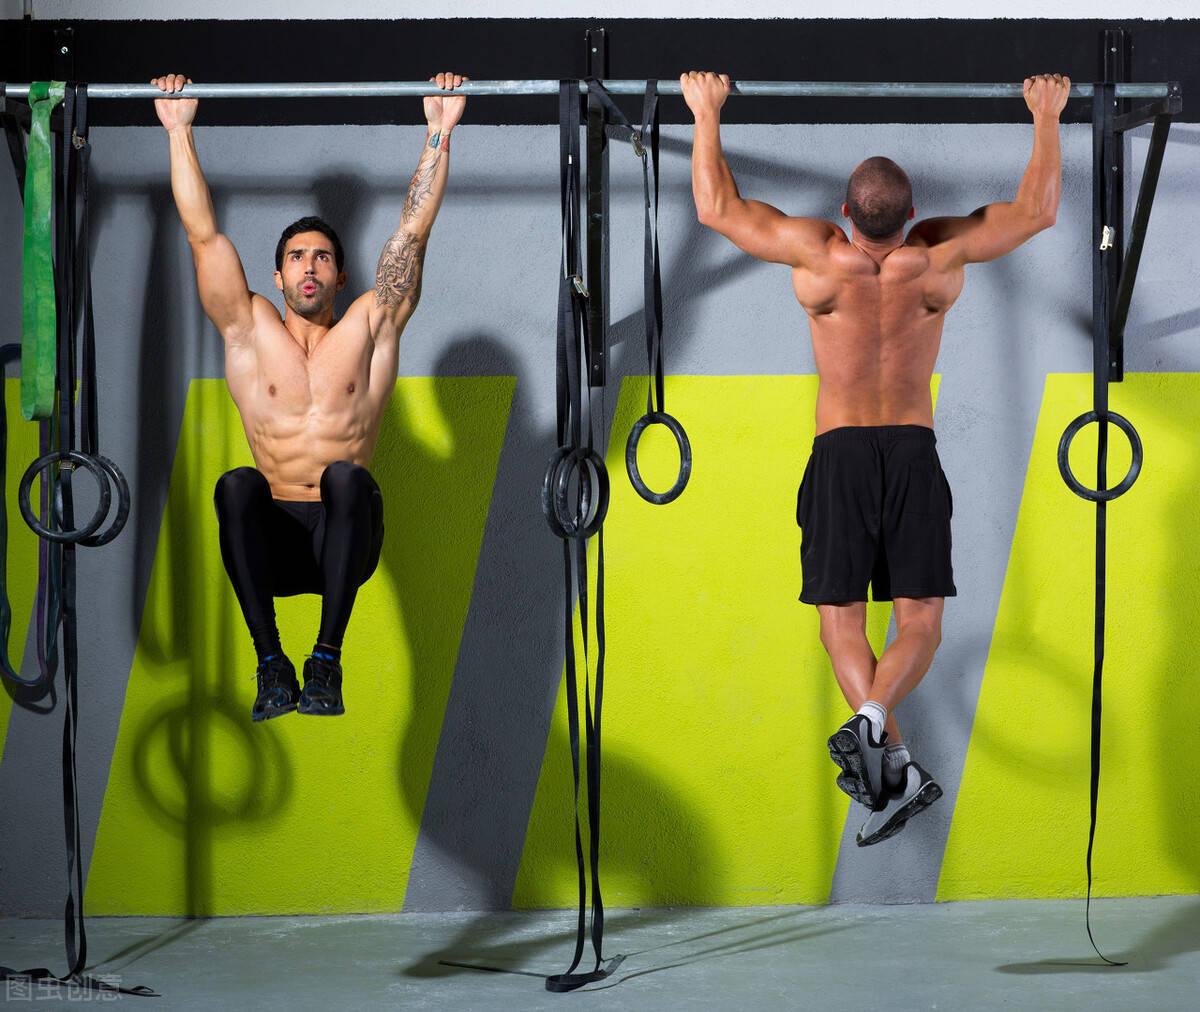 斗牛牛游戏在线:一组练背训练动图,雕刻背肌线条,练出男人的蝴蝶翅膀!